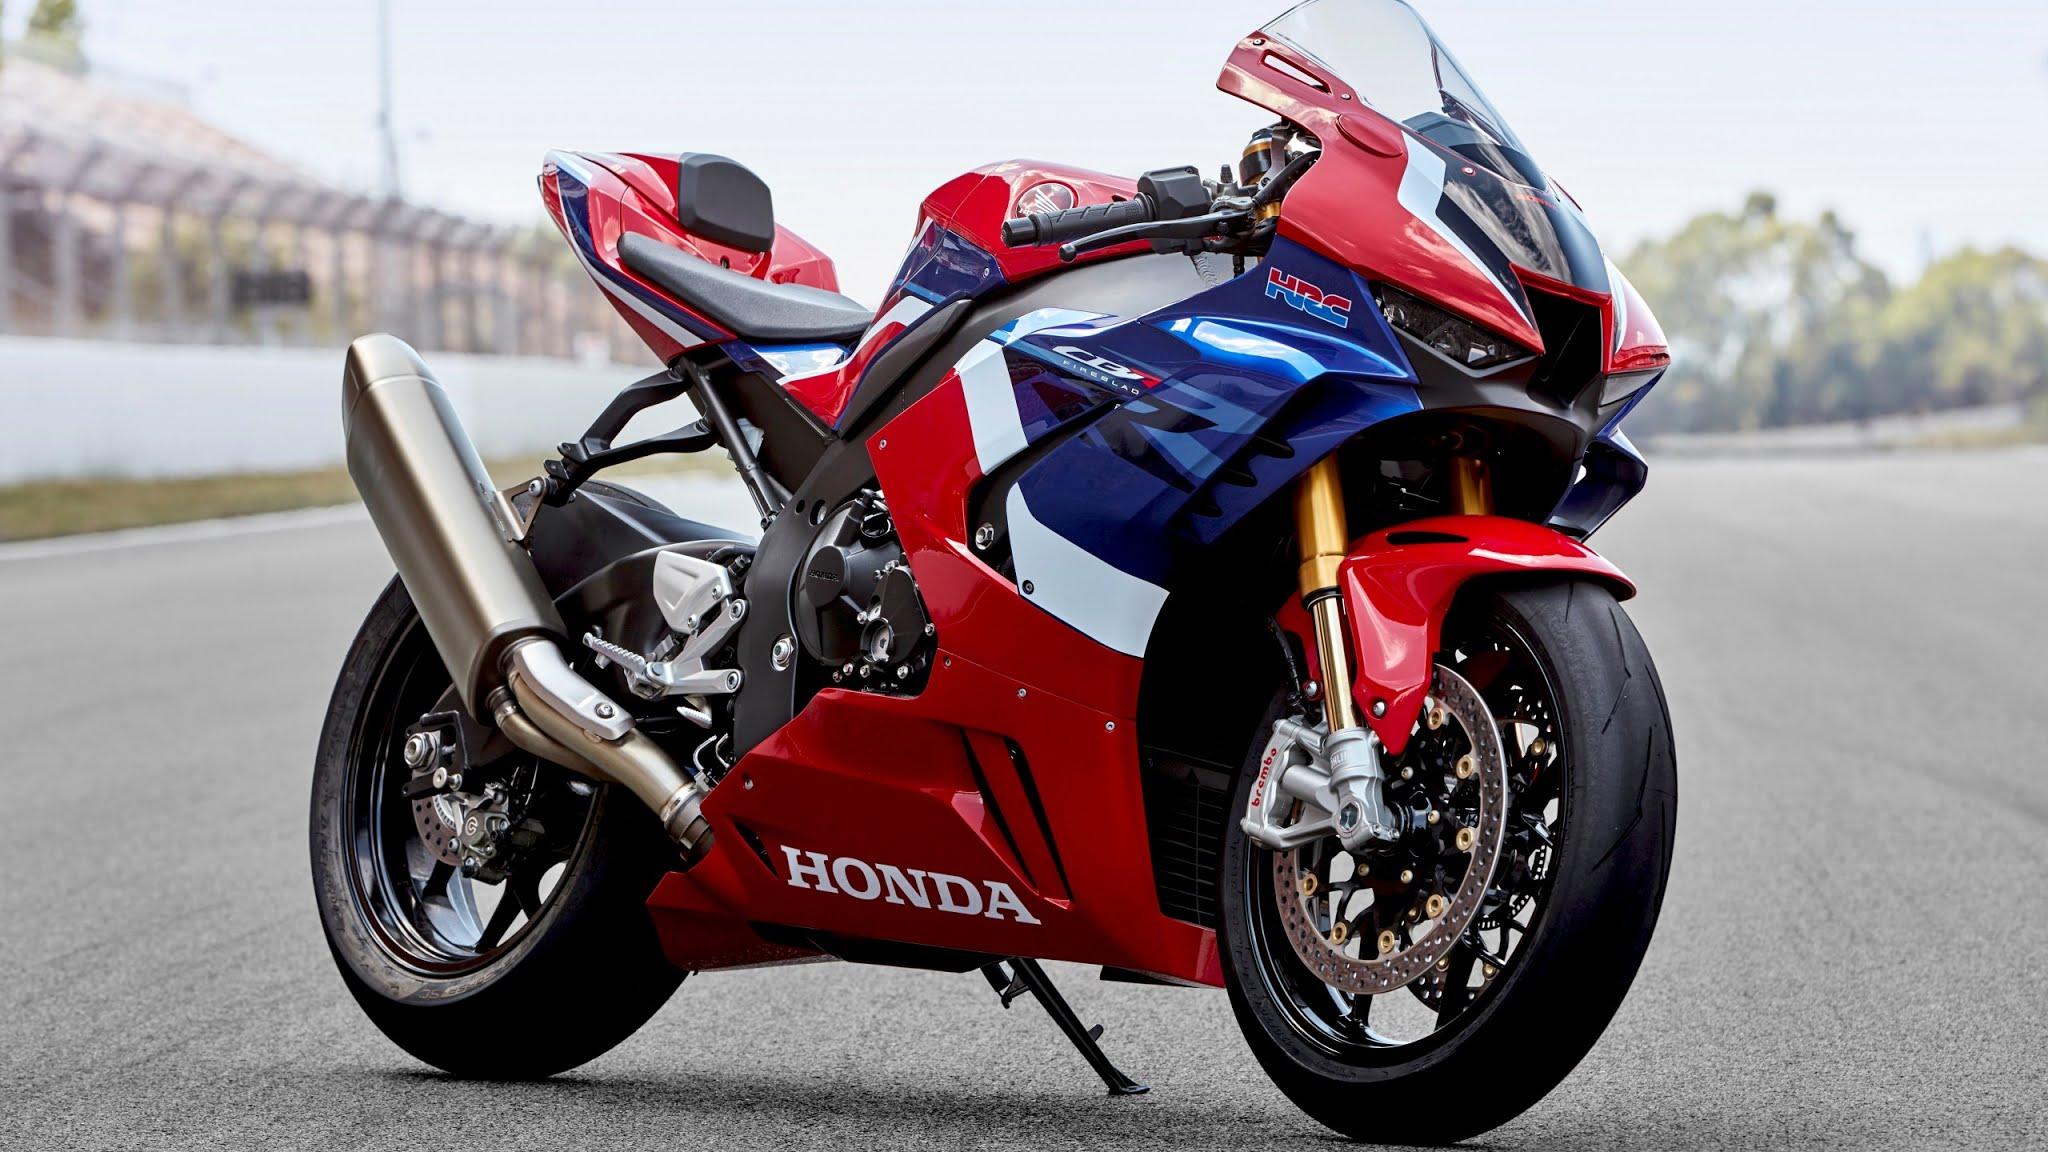 Honda CBR1000RR R Fireblade SP 2048x1152